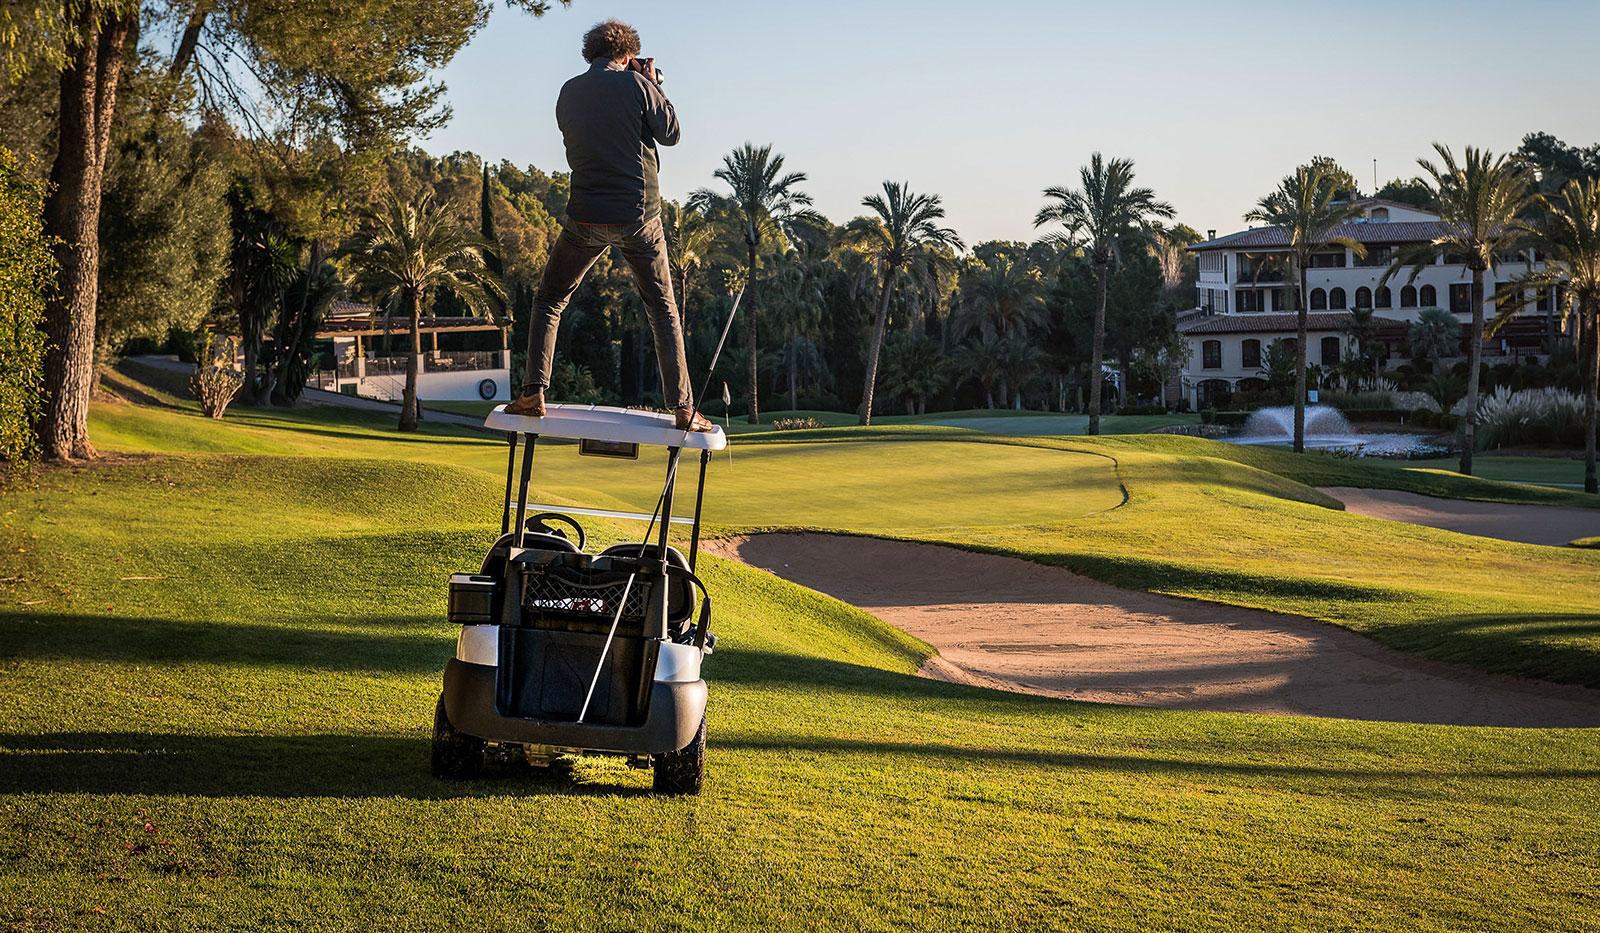 Fotograf steht auf Golfcart